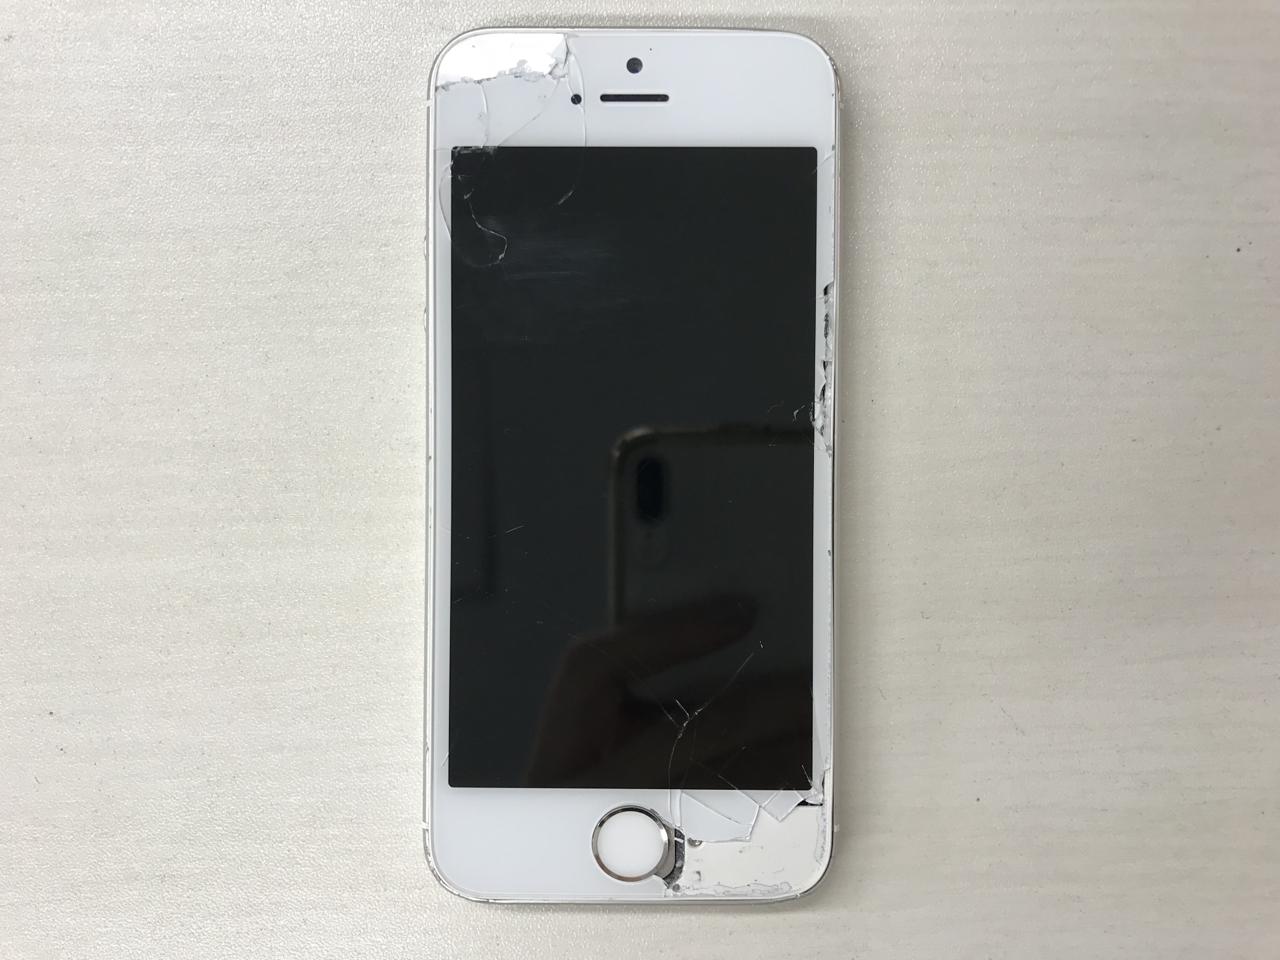 70b3c0f5-5e6e-4166-85f3-deb51068ae9d_1542424595_1536338334 割れが大きく広がったiPhone SE の画面交換です!